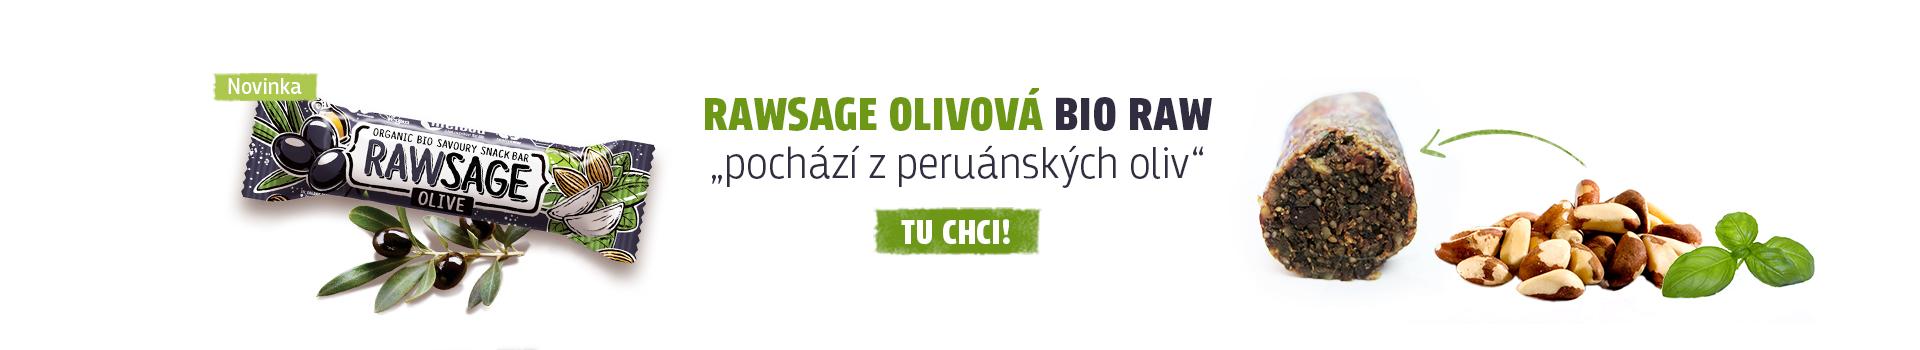 Nová rawsage olivová je tu!